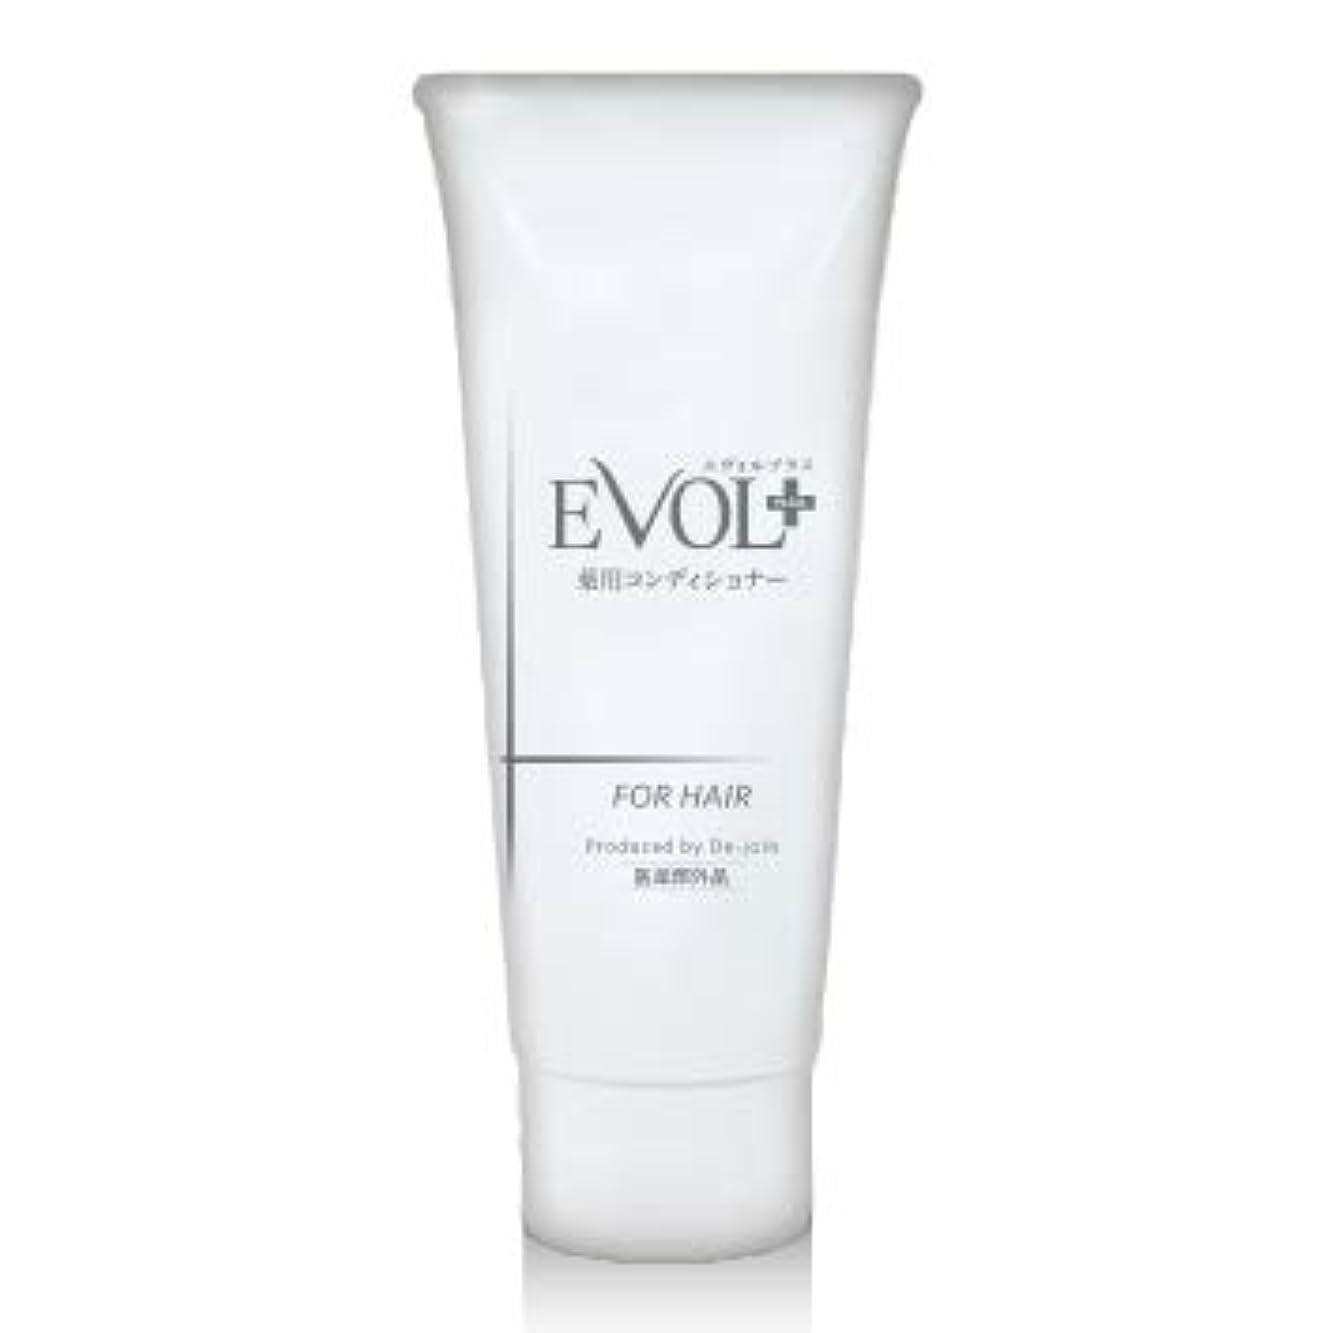 すき集団的所有者EVOL+(エヴォルプラス)薬用育毛コンディショナー お得なコース